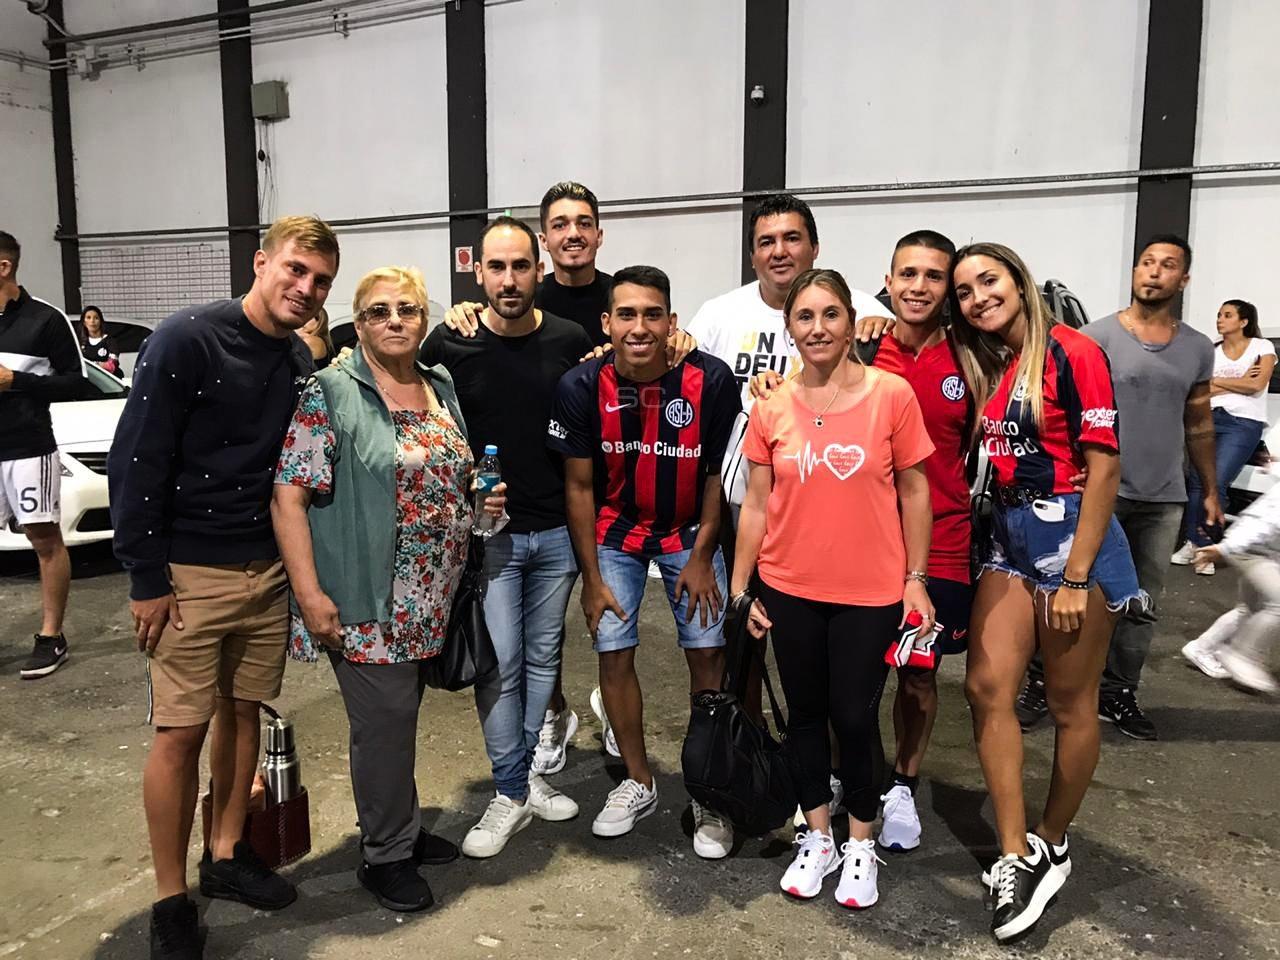 ¡Una foto única!: La familia Palacios reunida tras el gran debut goleador de Julián